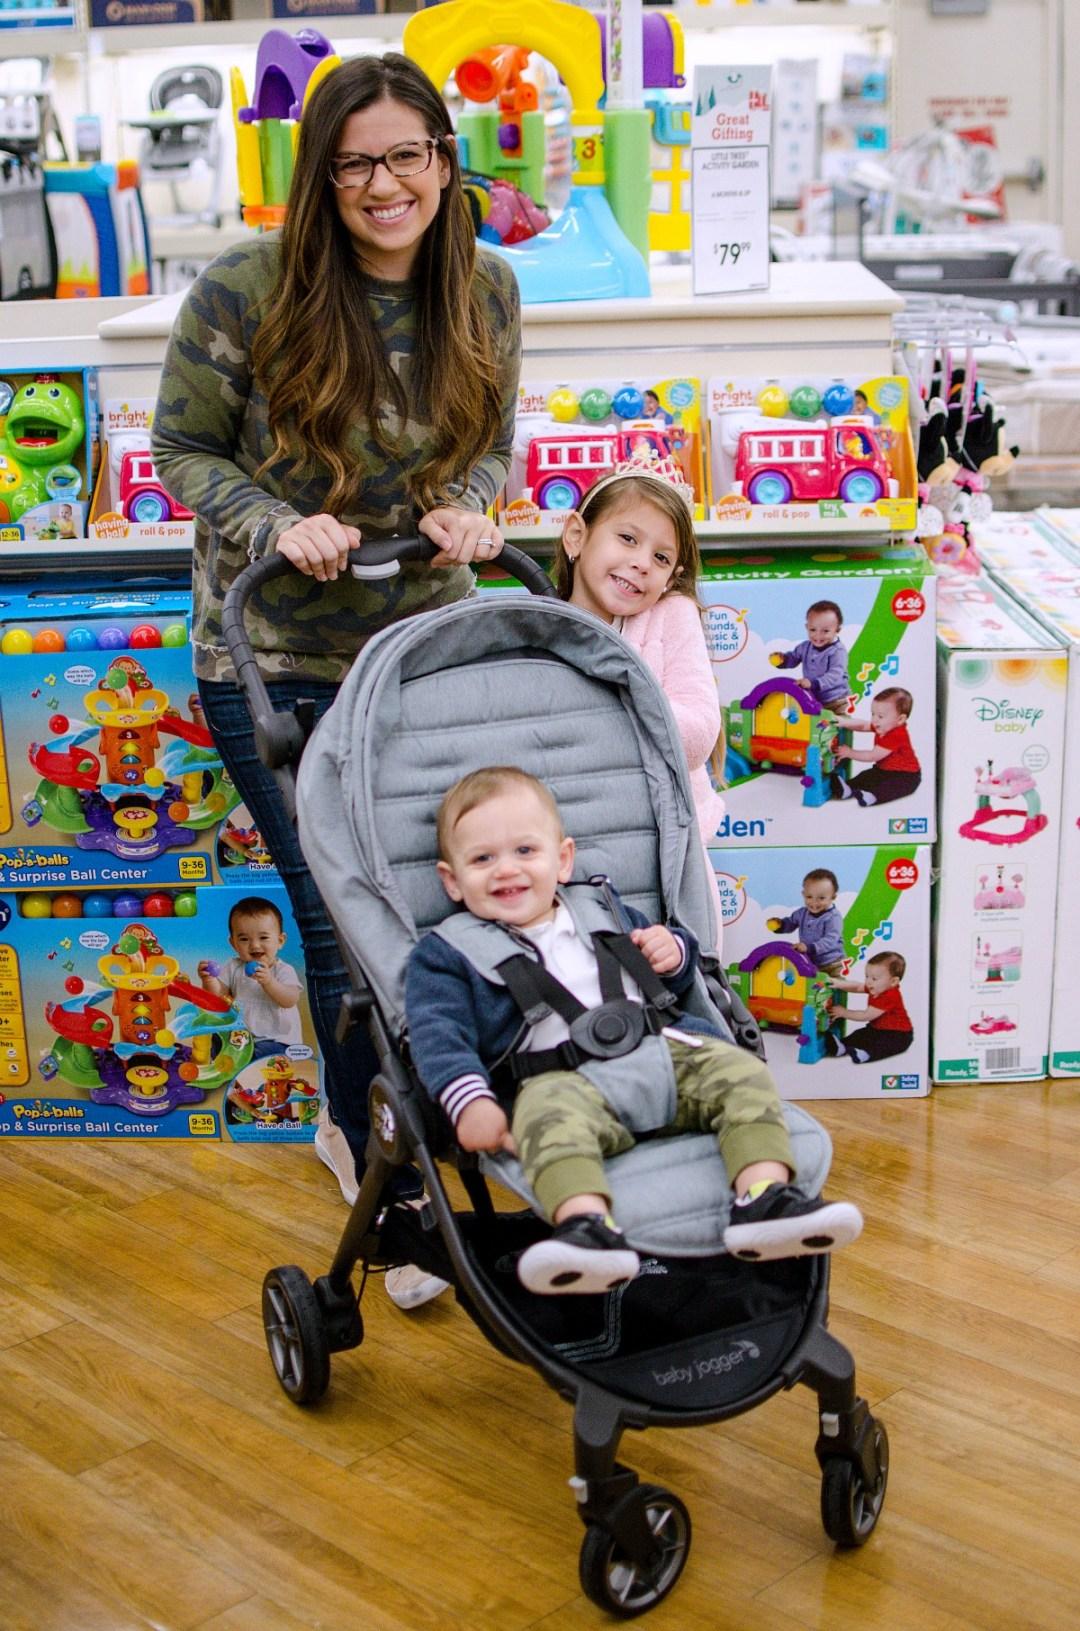 buybuy BABY toys shopping family, Jaime Cittadino Sunflowers and Stilettos blog